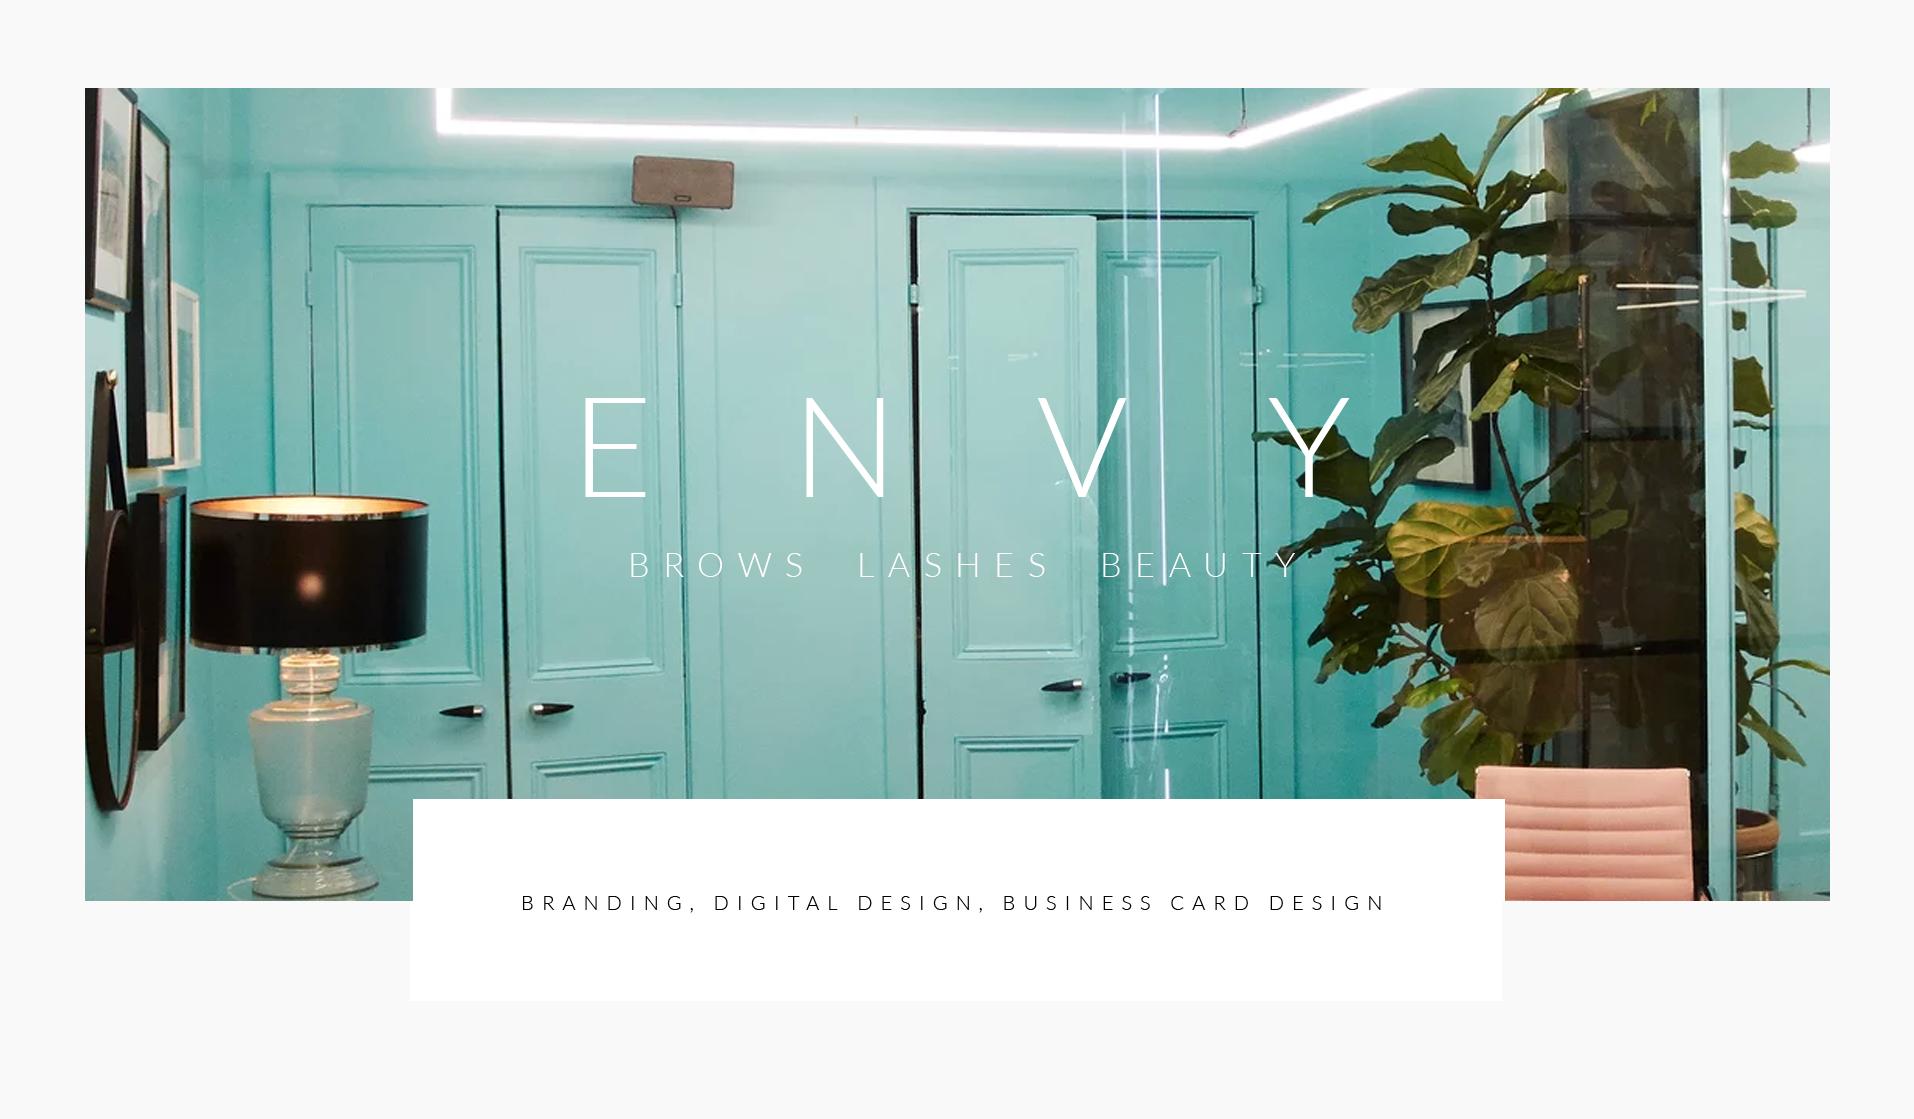 Envy Australia - Design By Klo